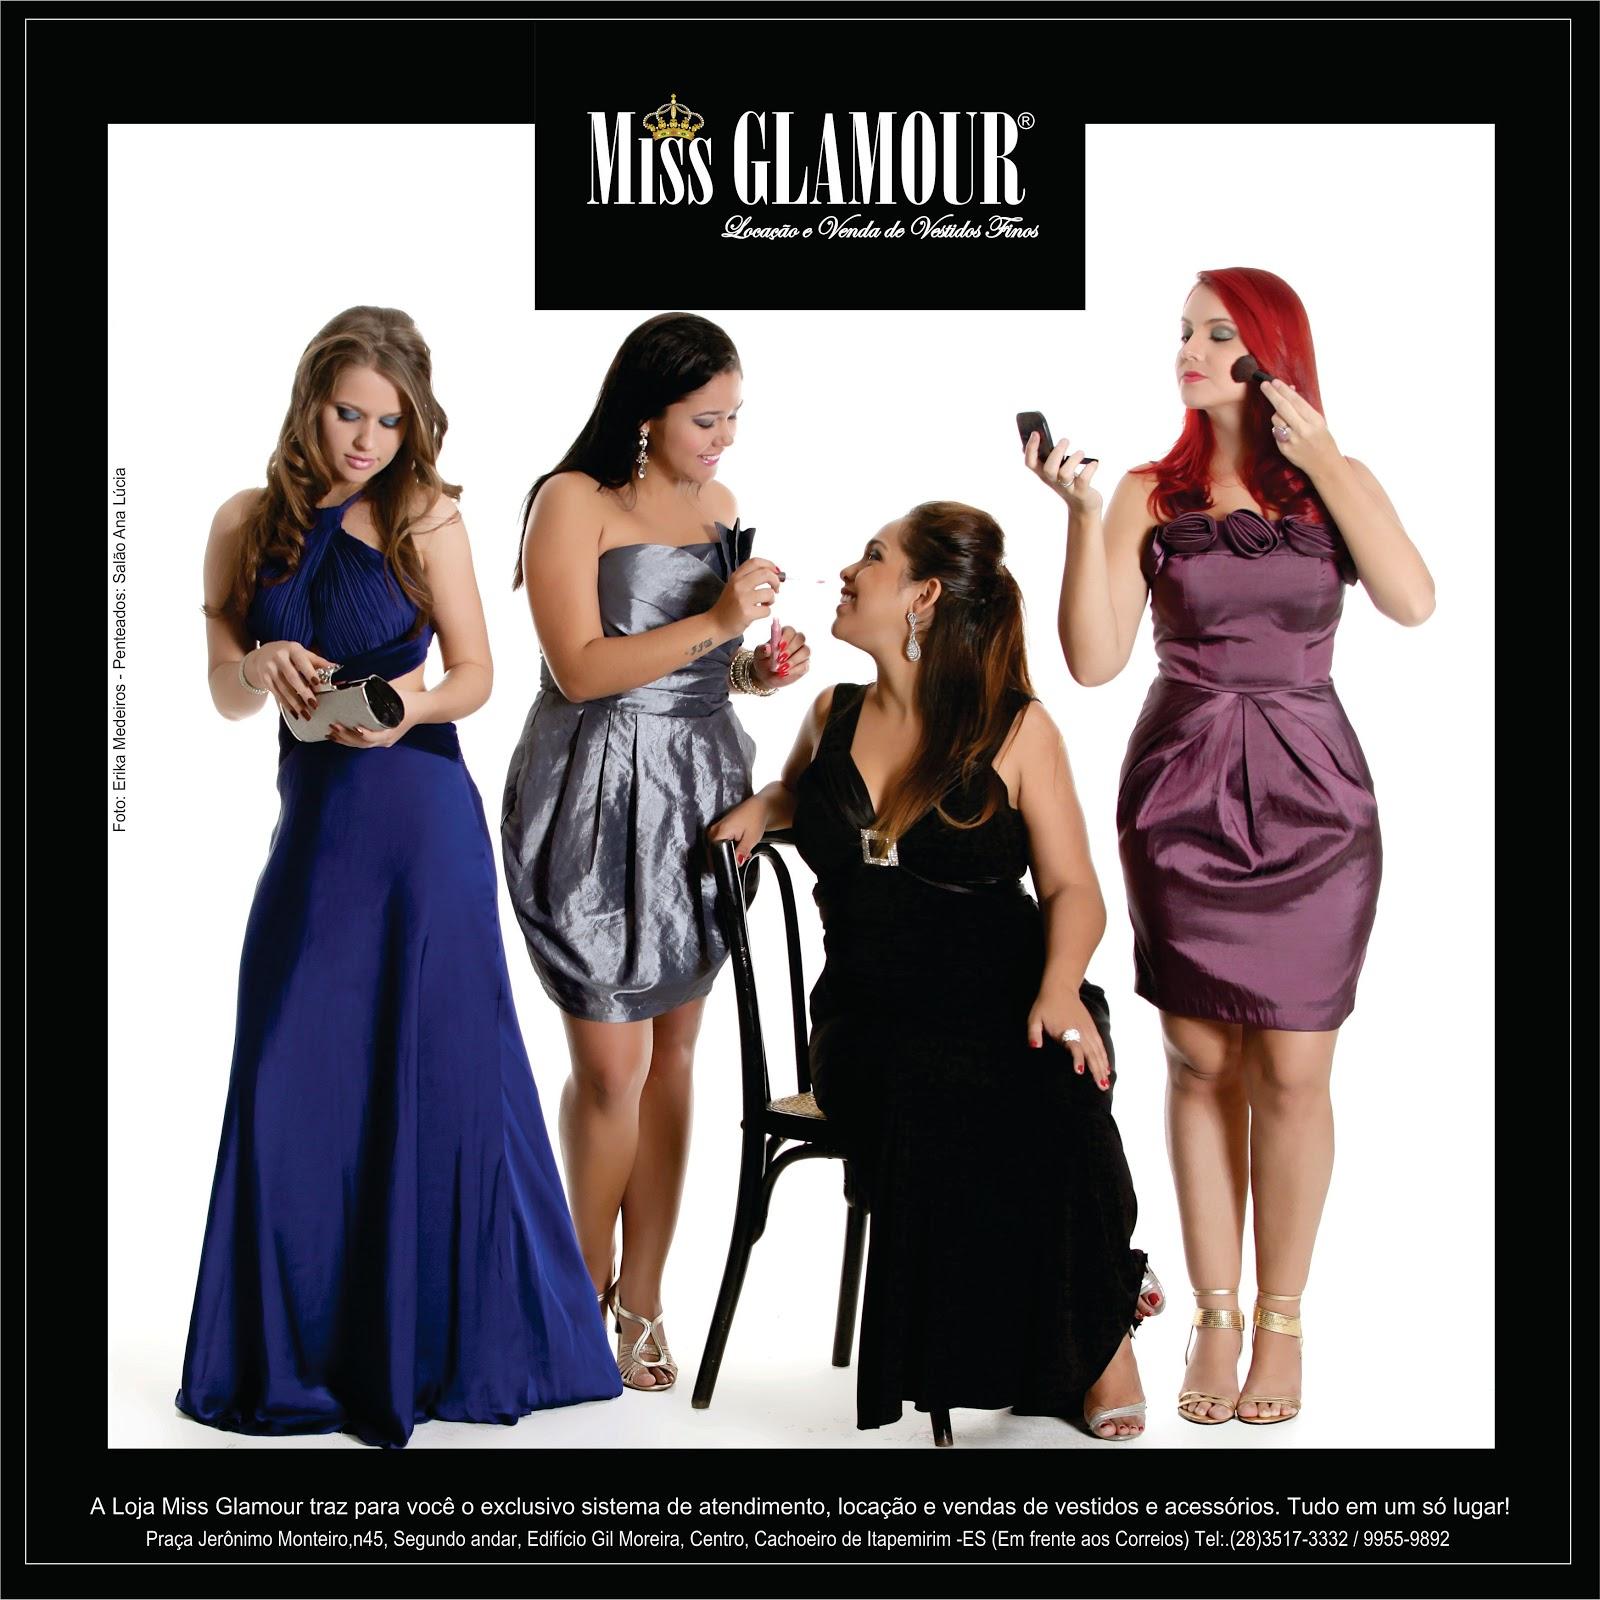 12a9b64fdcae Pagina no Guia de Noivas Felizes para Sempre! Postado por Loja Miss Glamour  ...